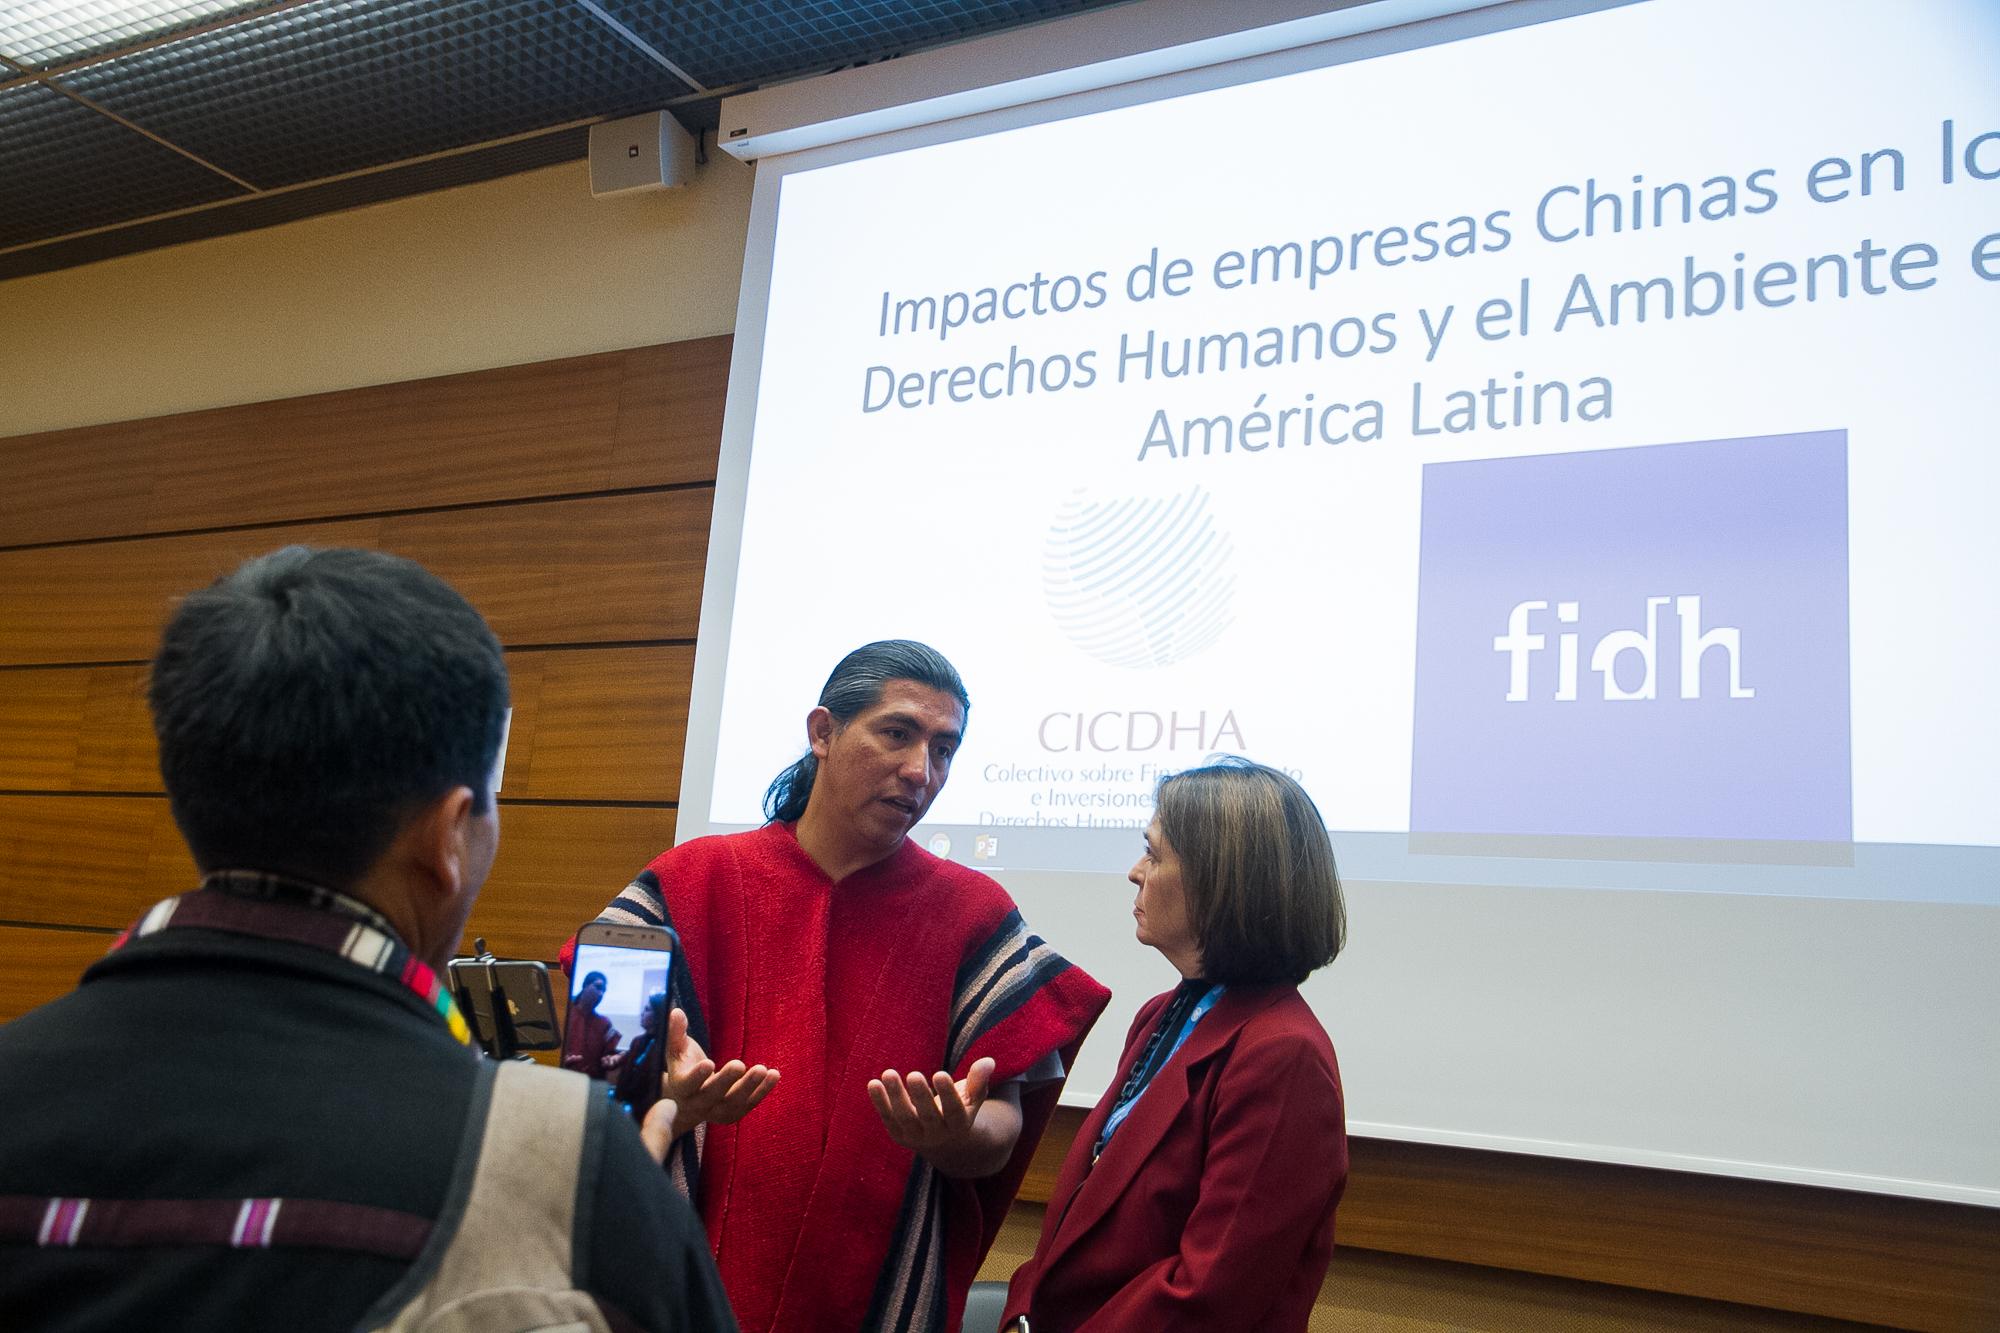 Delegaciones de países LAtinoamericanos presentaron informe en la NAciones Unidas sobre los impactos de las empresas chinas. Foto: Hiperactiva Comunicaciones.